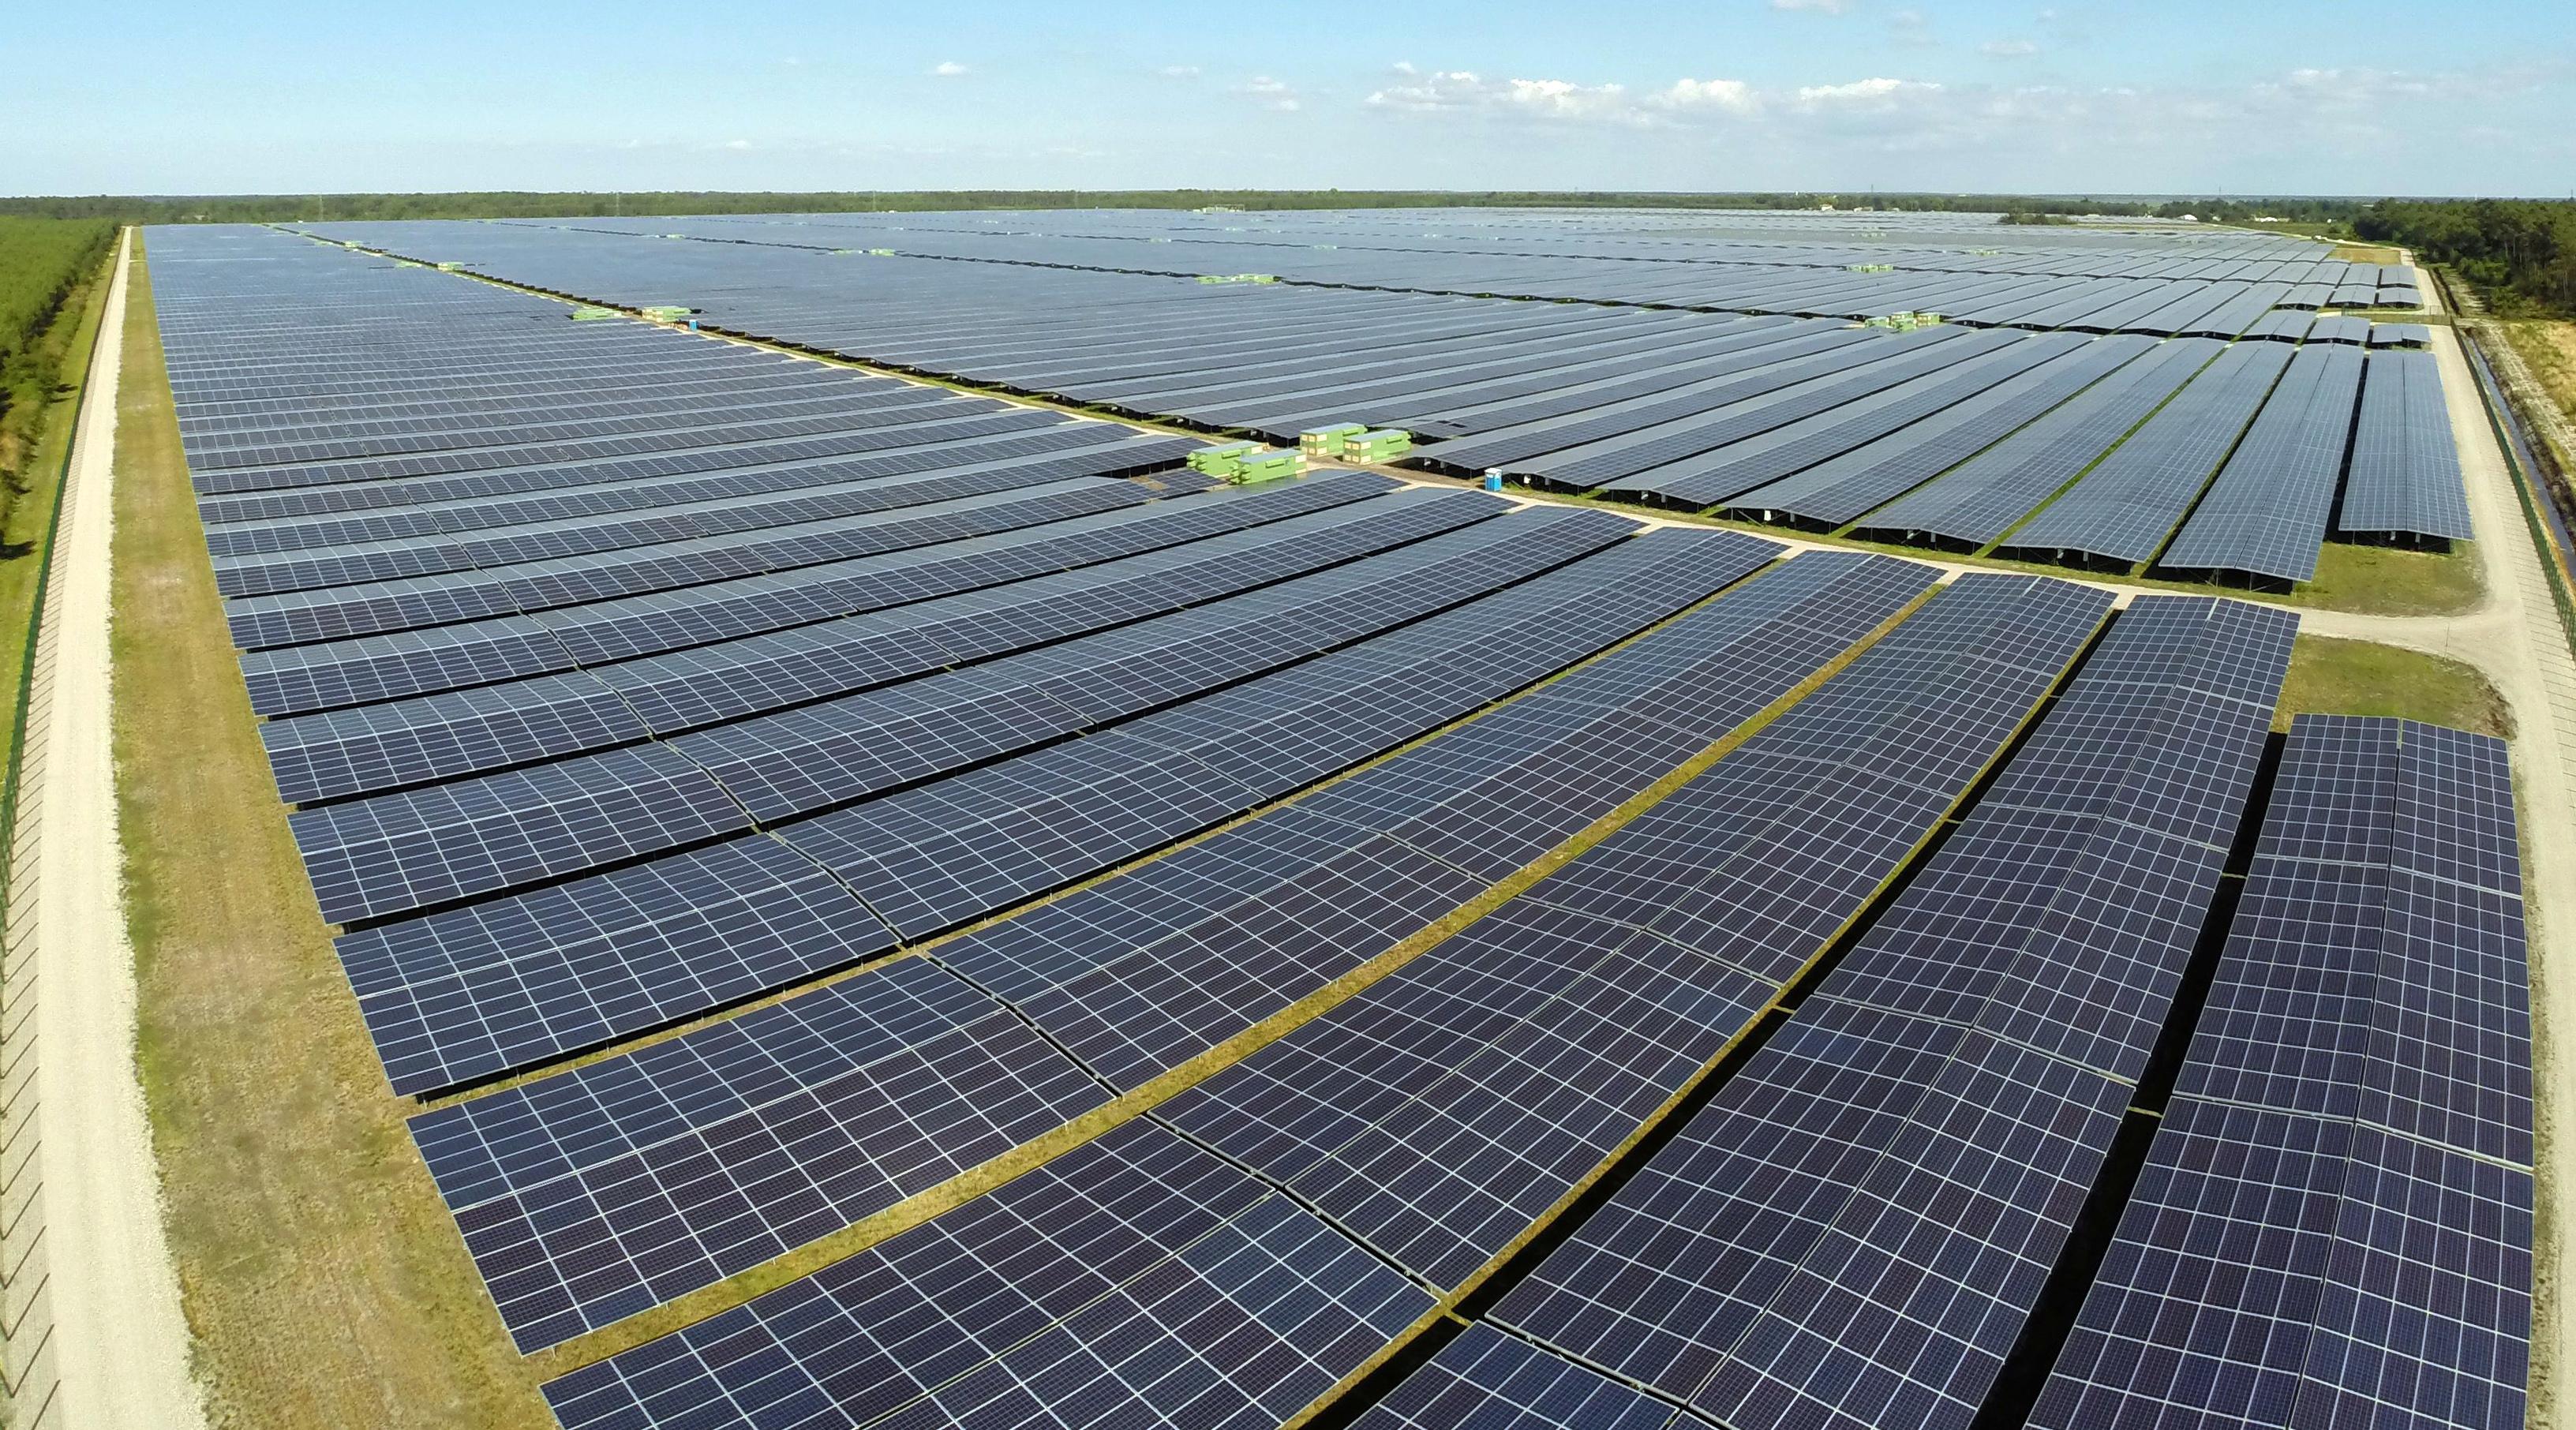 Ilustracija: Najveća solarna farma u Europi, Cestas park u Francuskoj